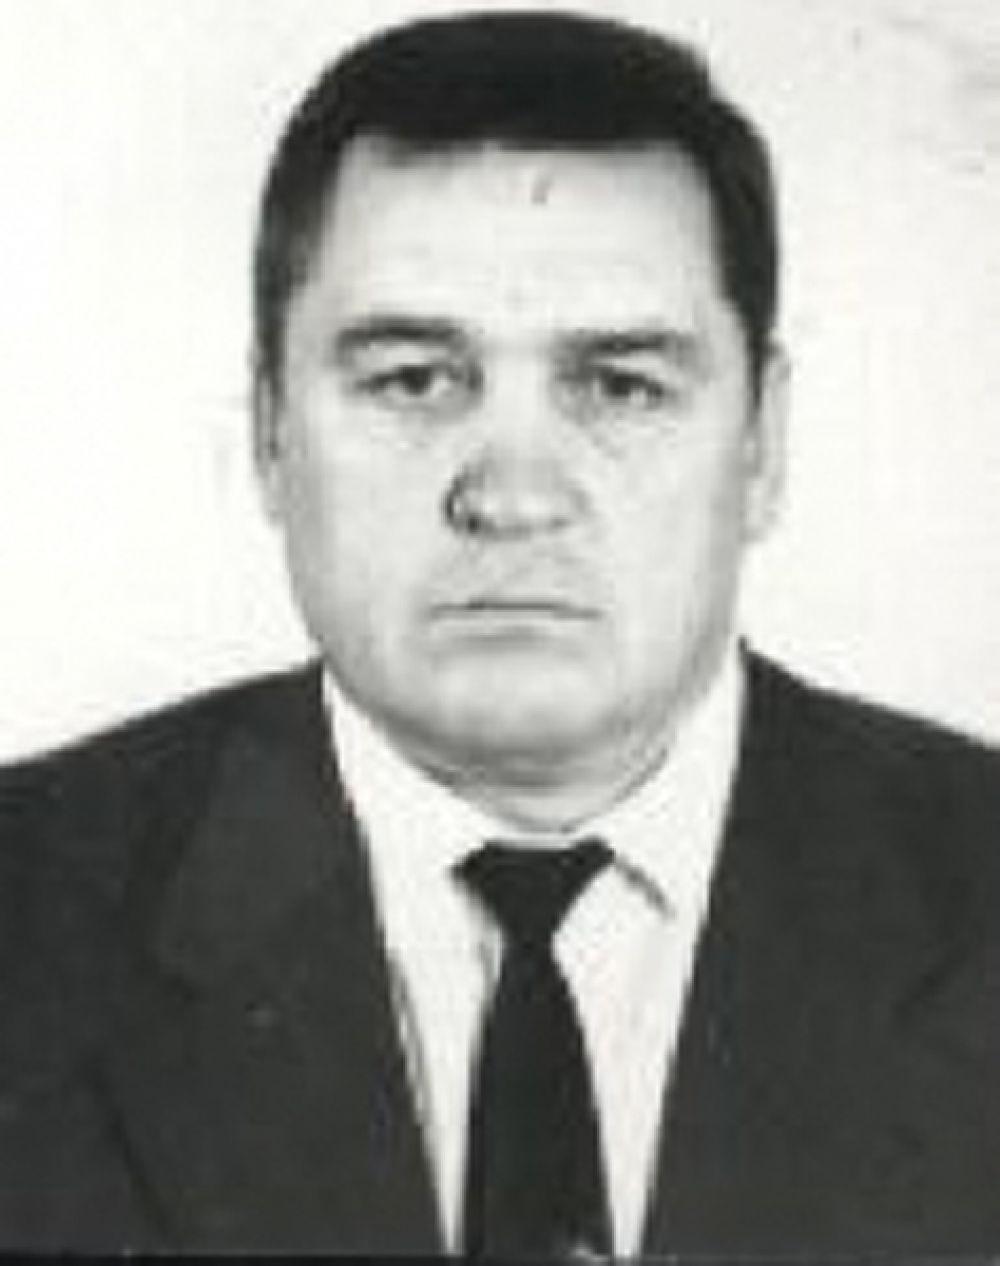 Владимир Кириллов, 1956 года рождения. Мужчина обвиняется в организации покушения на судью в конце 2008 года.